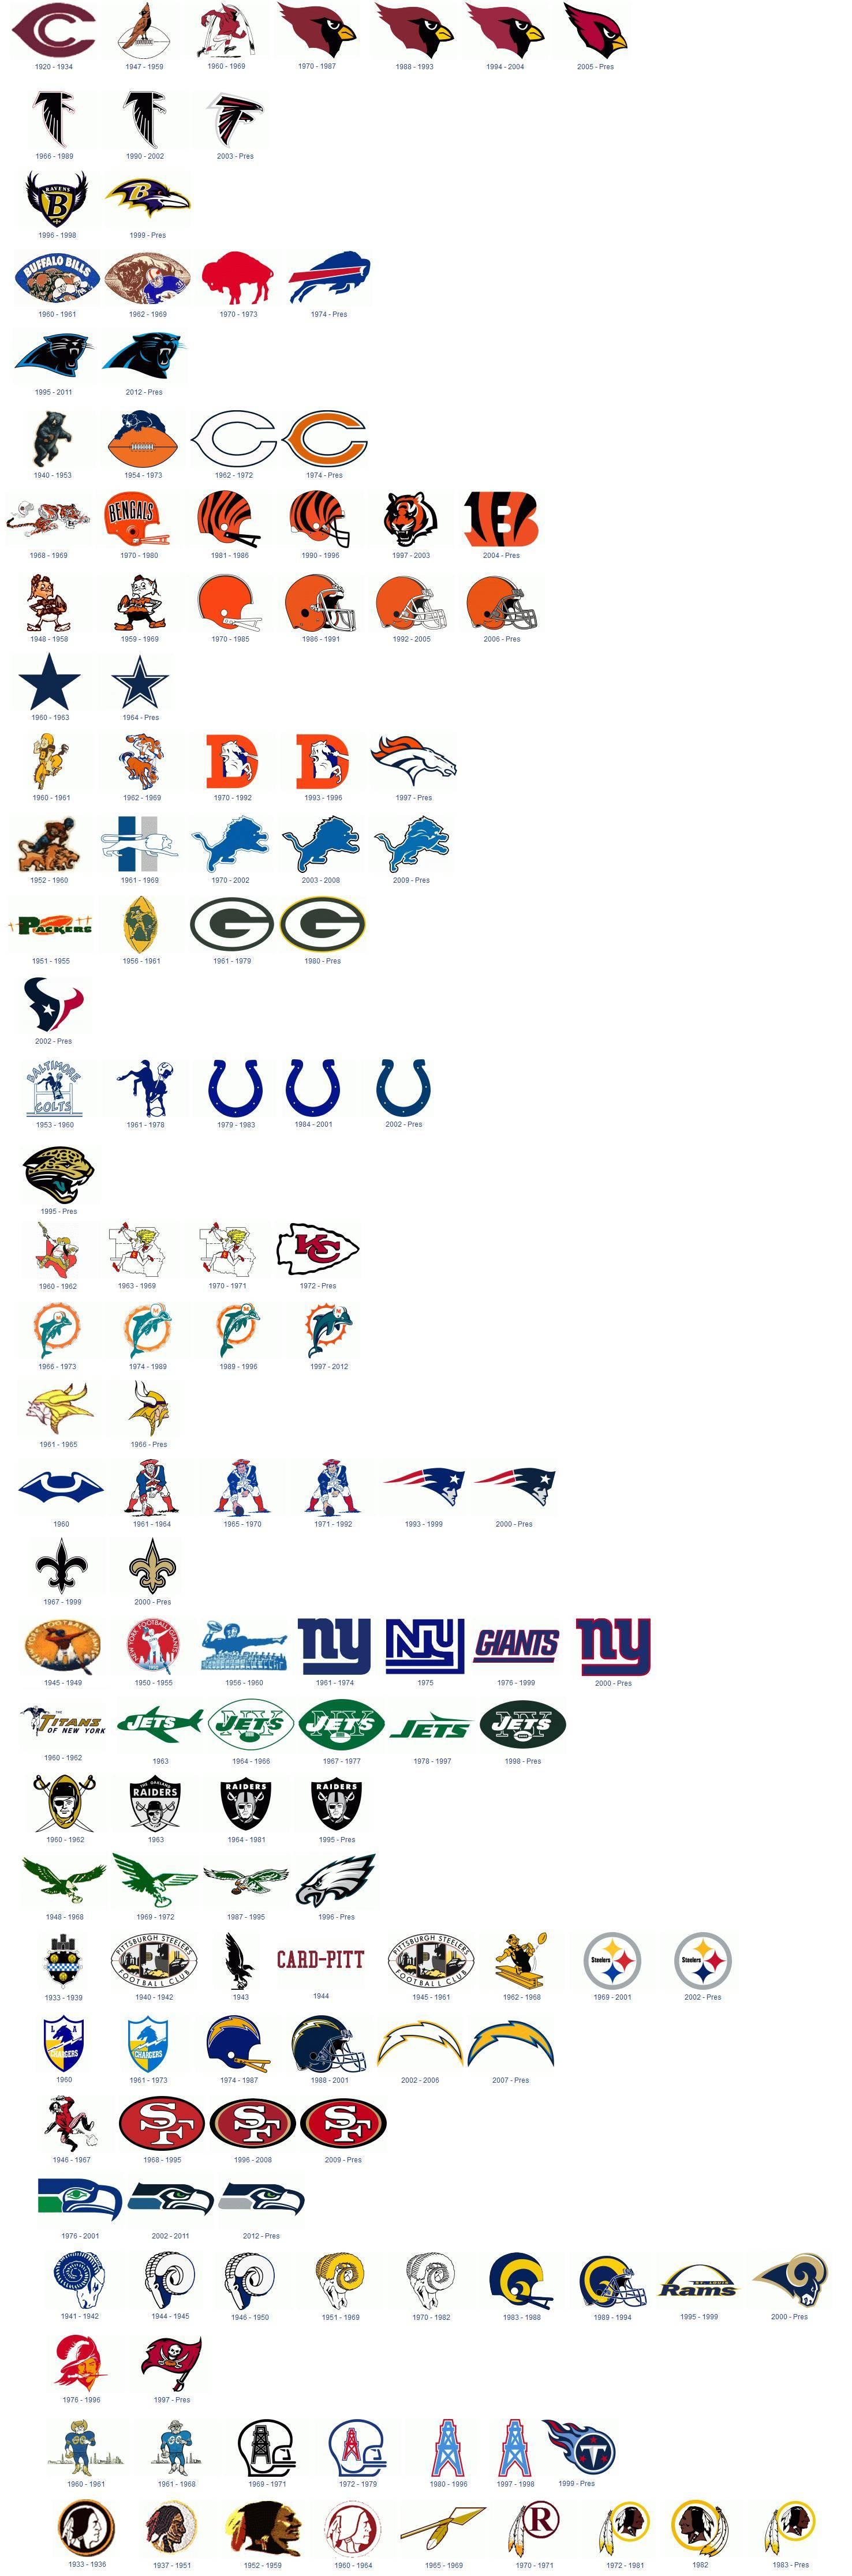 NFL Logo Evolutions